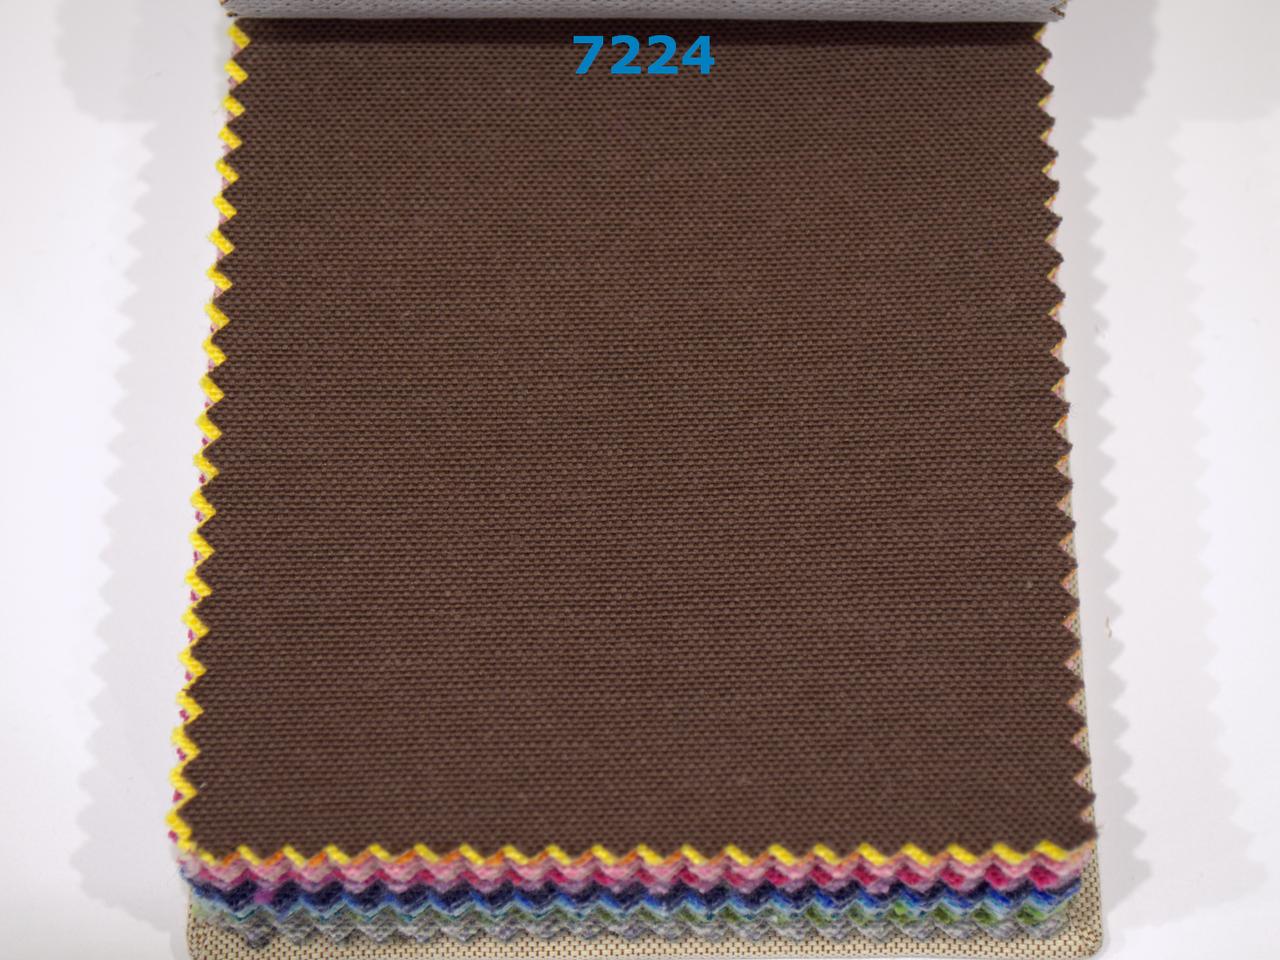 Тканина для Скатертин Коричнева з просоченням Тефлон-180 Однотонна Туреччина 180см ширина